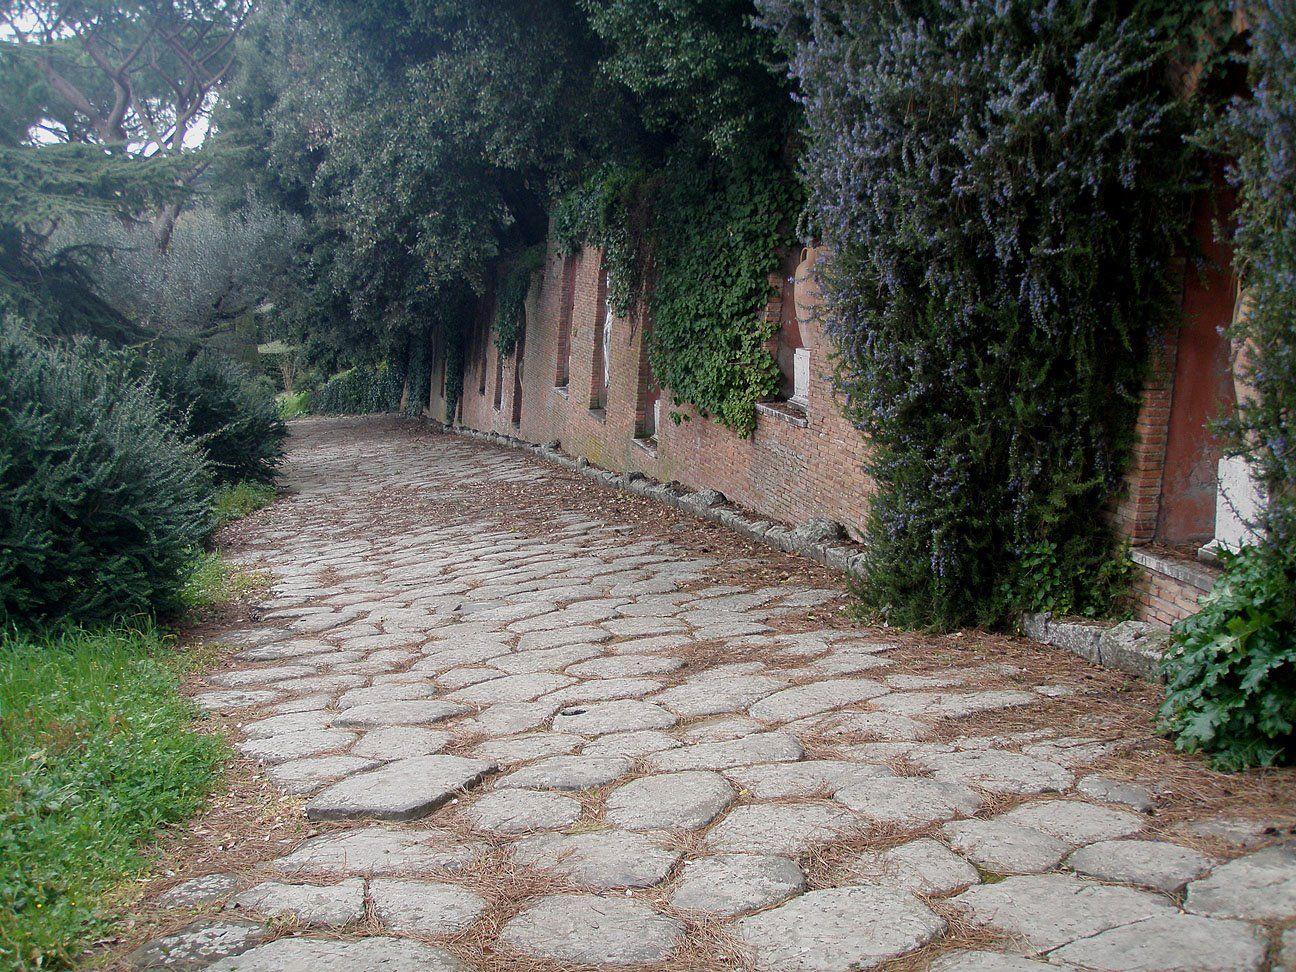 ef775c4fd5a065581c1664e5de33cee2 - Barberini Gardens Of The Pontifical Villas